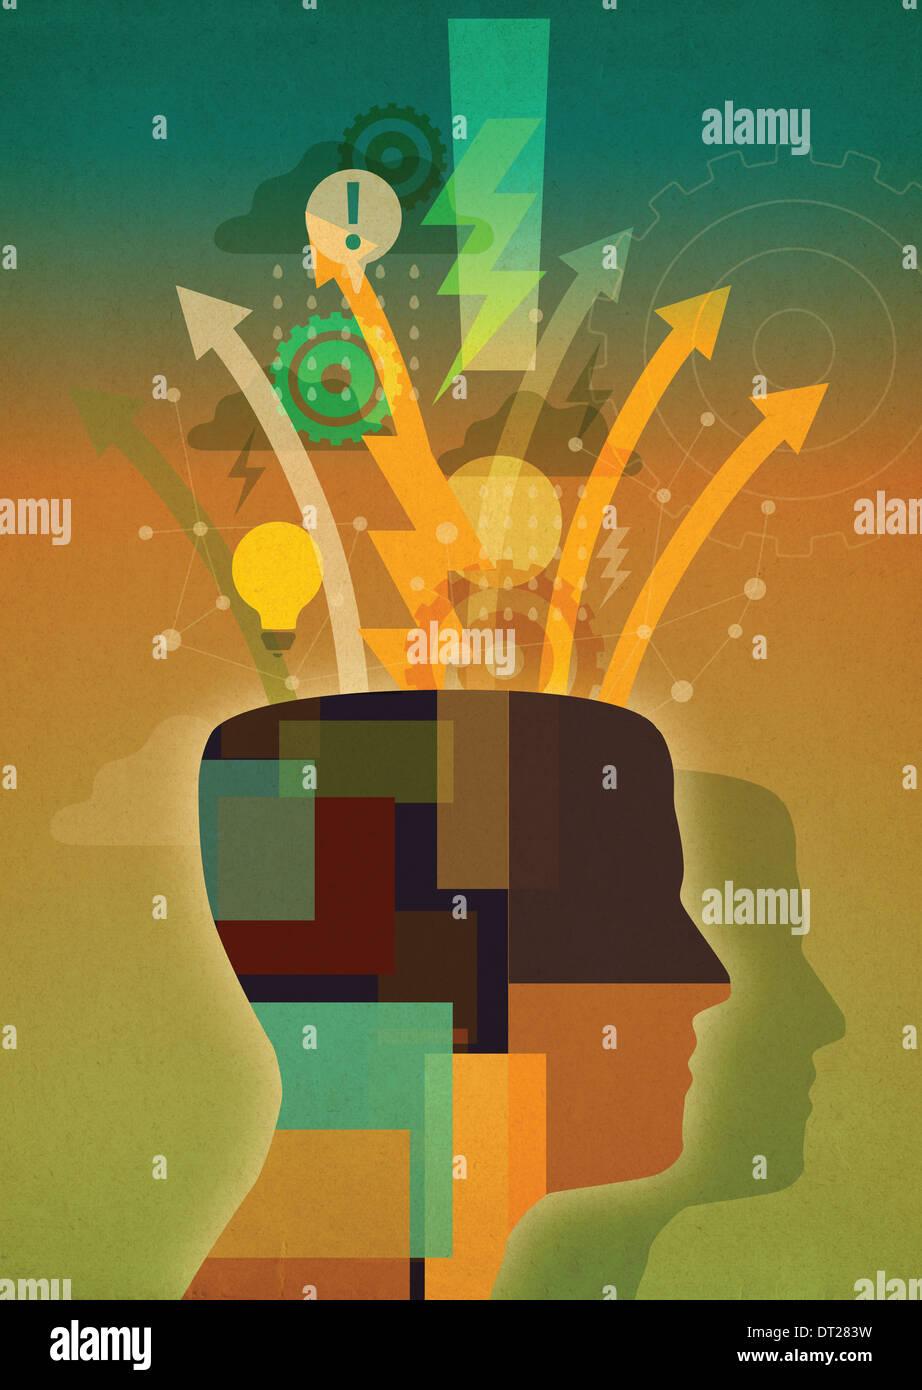 Collage ilustrativo de empresario innovador Imagen De Stock